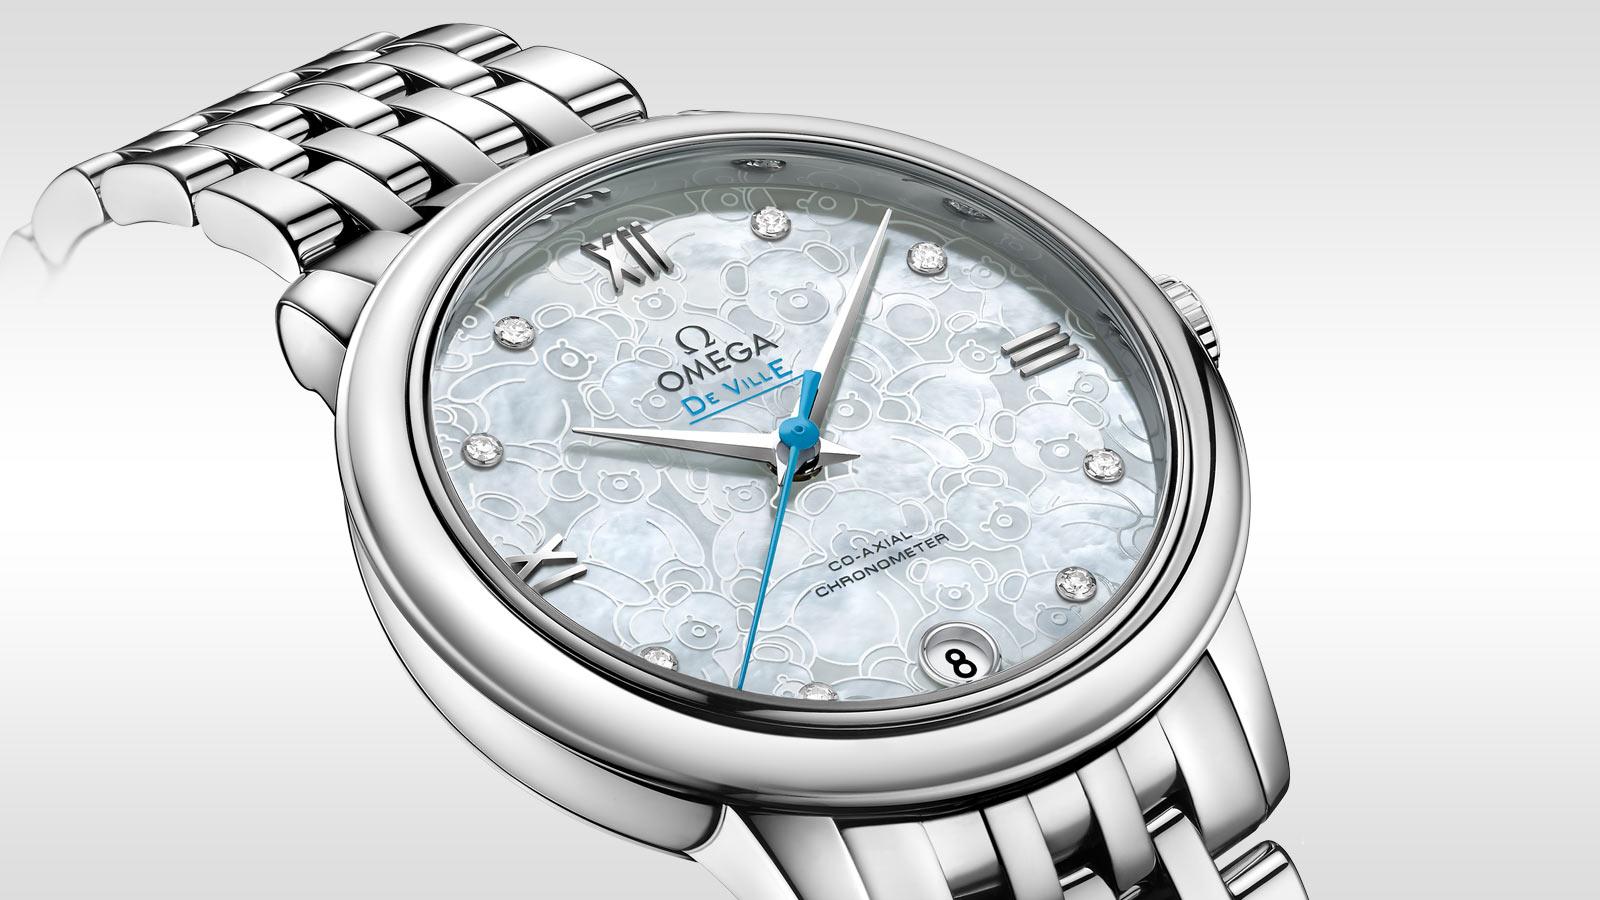 碟飞系列 典雅系列腕表 典雅系列 32.7毫米同轴腕表 - 424.10.33.20.55.004 - 查看 1